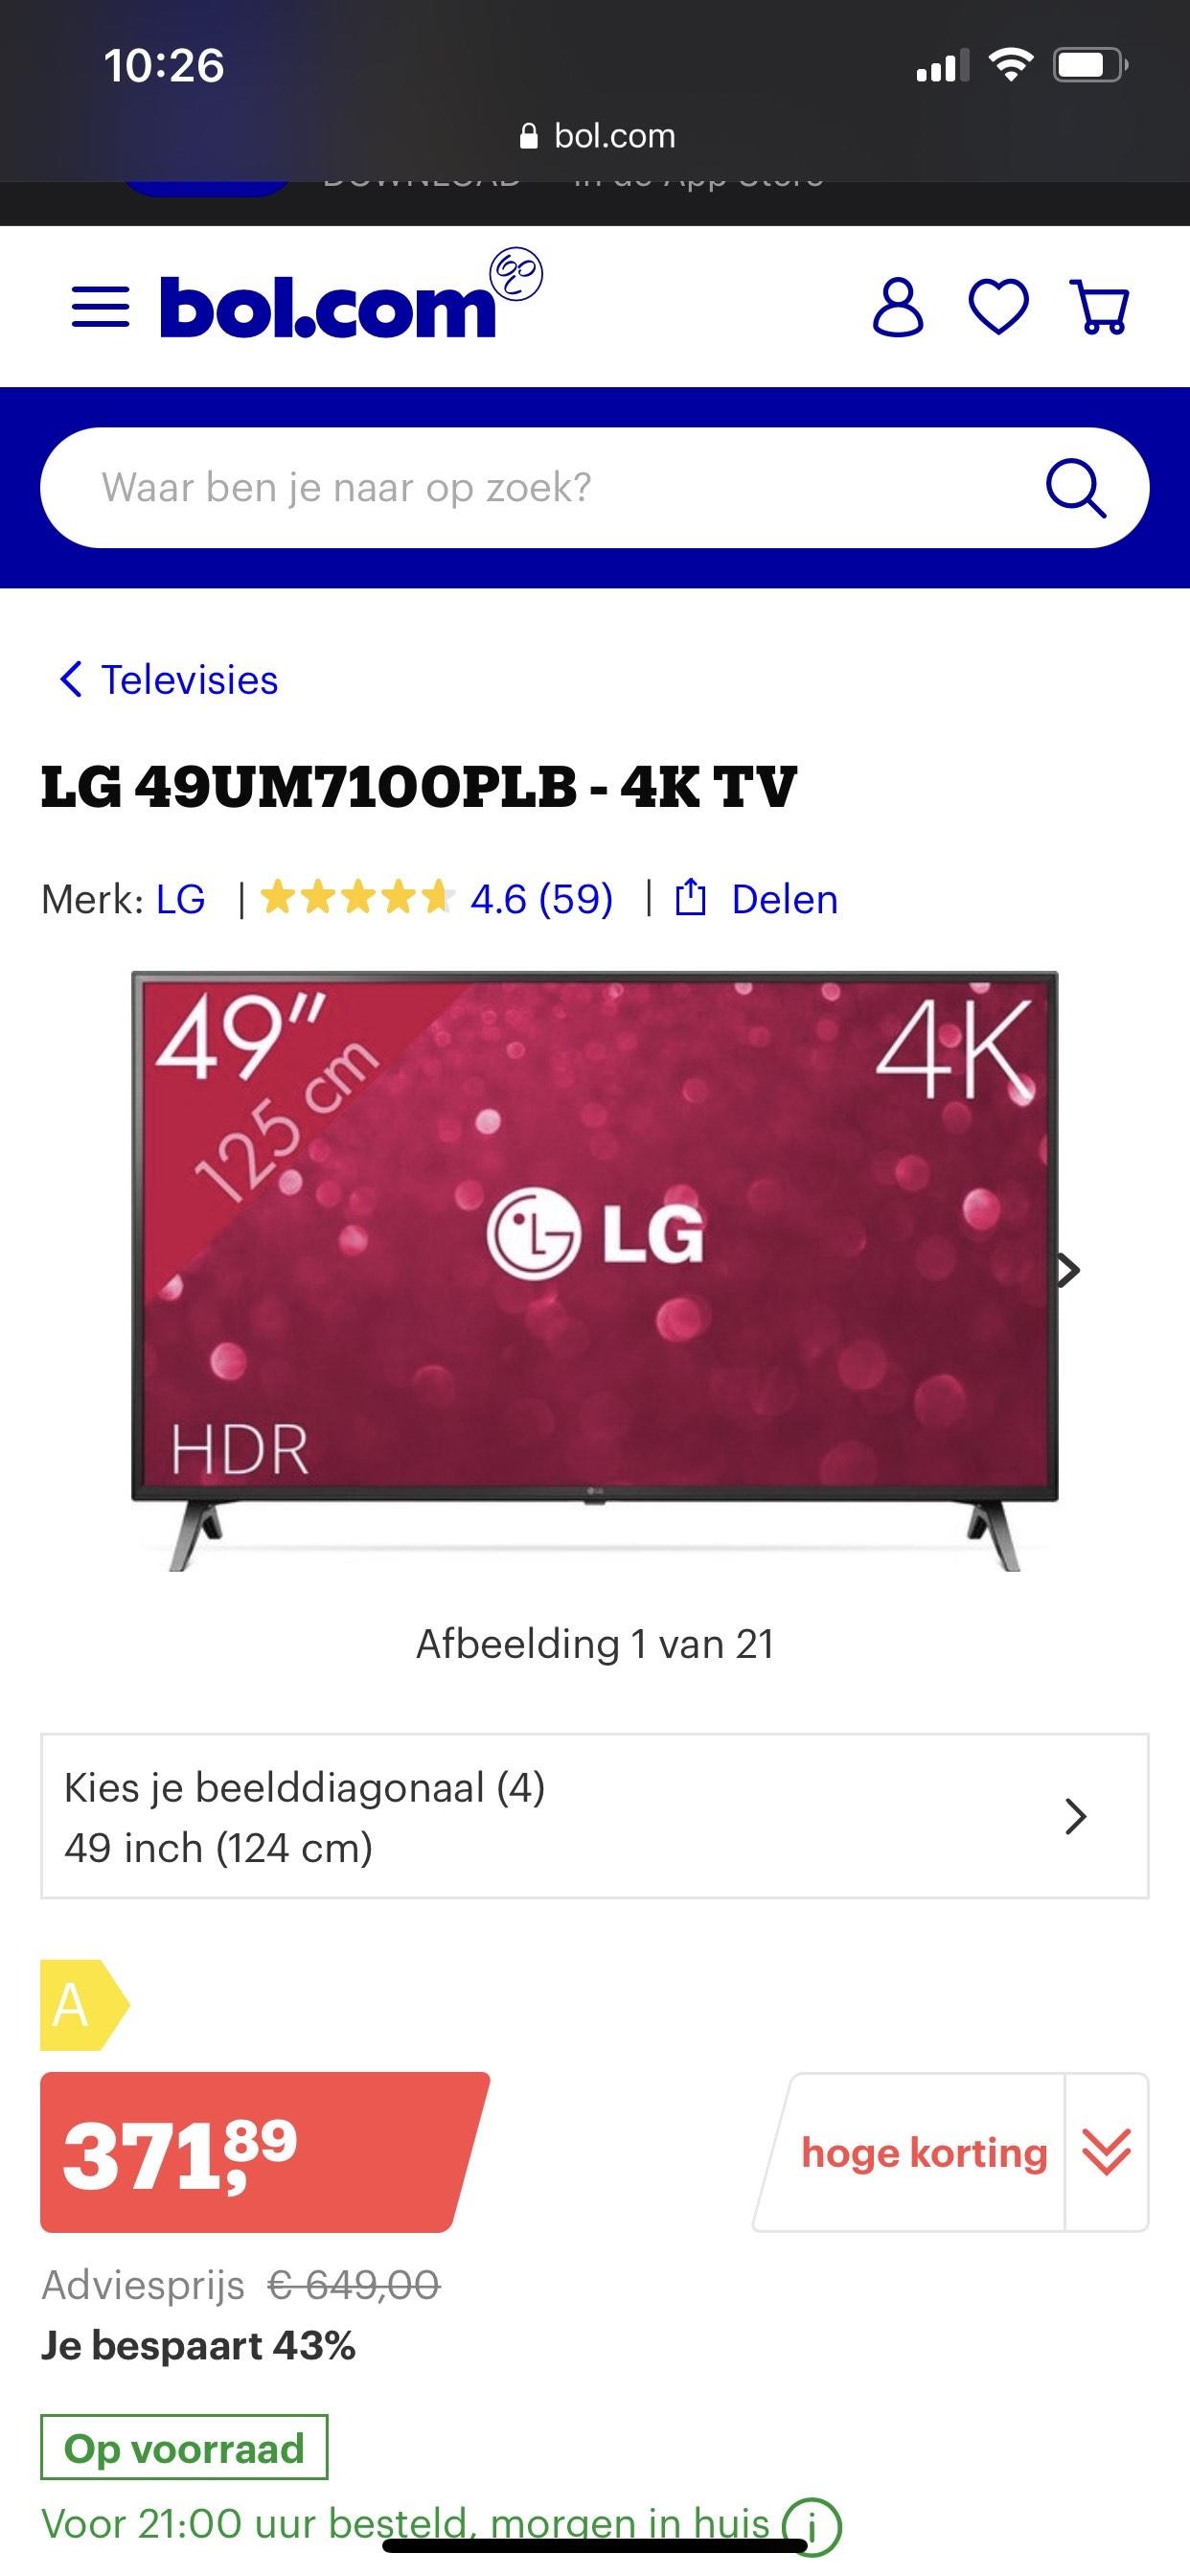 LG 49UM7100PLB - 4K TV 49 inch @ Bol.com Plaza